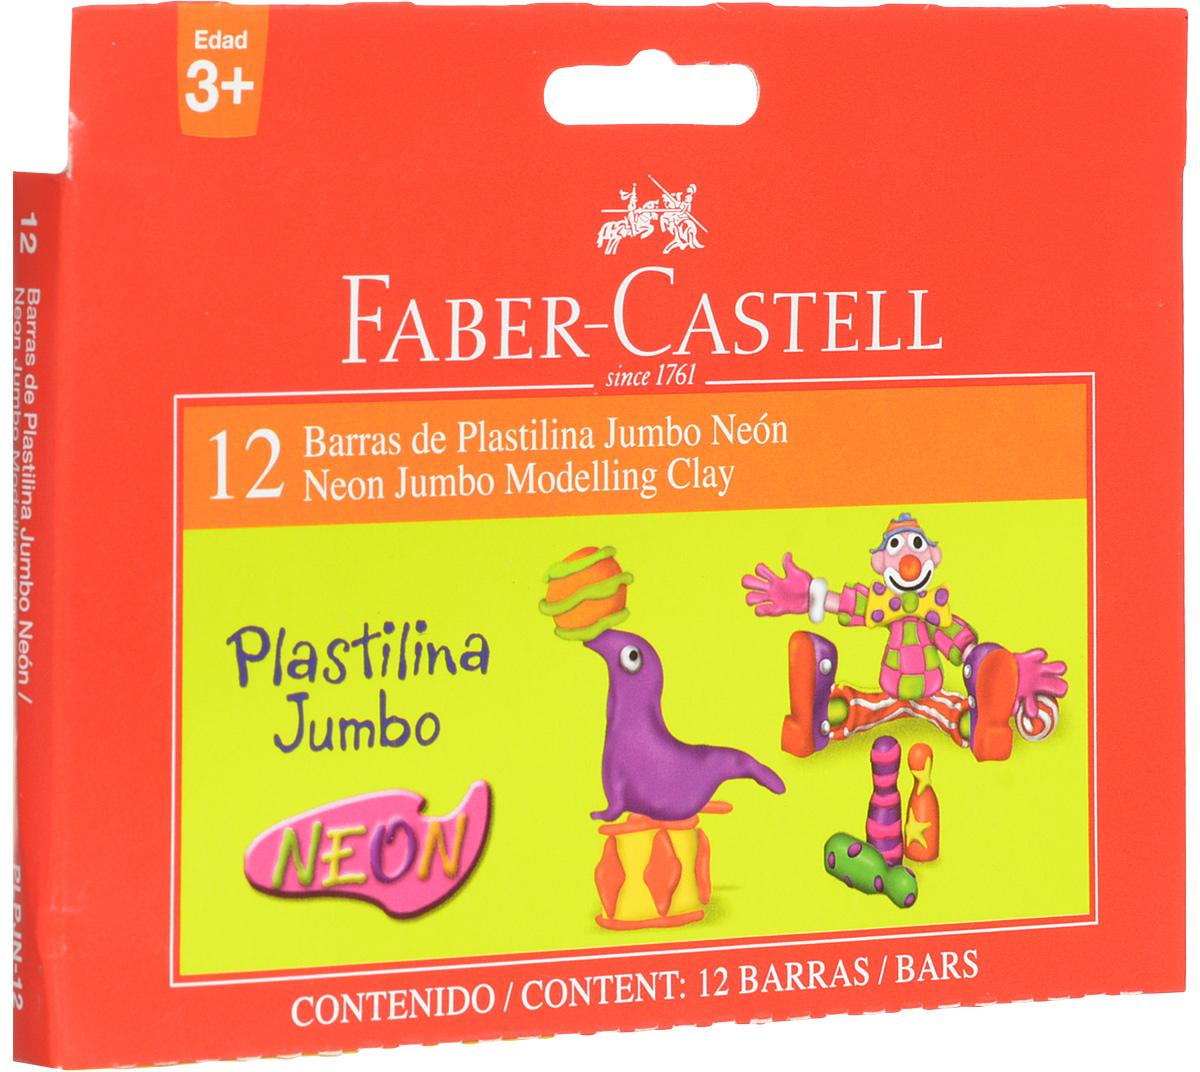 Faber-Castell Пластилин Neon Jumbo 6 цветов72523WDВ наборе Faber-Castell Neon Jumbo находится 12 брусков цветного пластилина з 6 цветов. Пластилин обладает яркими неоновыми цветами, безопасен при использовании и изготовлен на масляной основе. Он имеет мягкую и эластичную фактуру, не прилипает к рукам и не крошится.Набор пластилина откроет юным художникам новые горизонты для творчества, поможет отлично развить мелкую моторику рук, цветовое восприятие, фантазию и воображение.